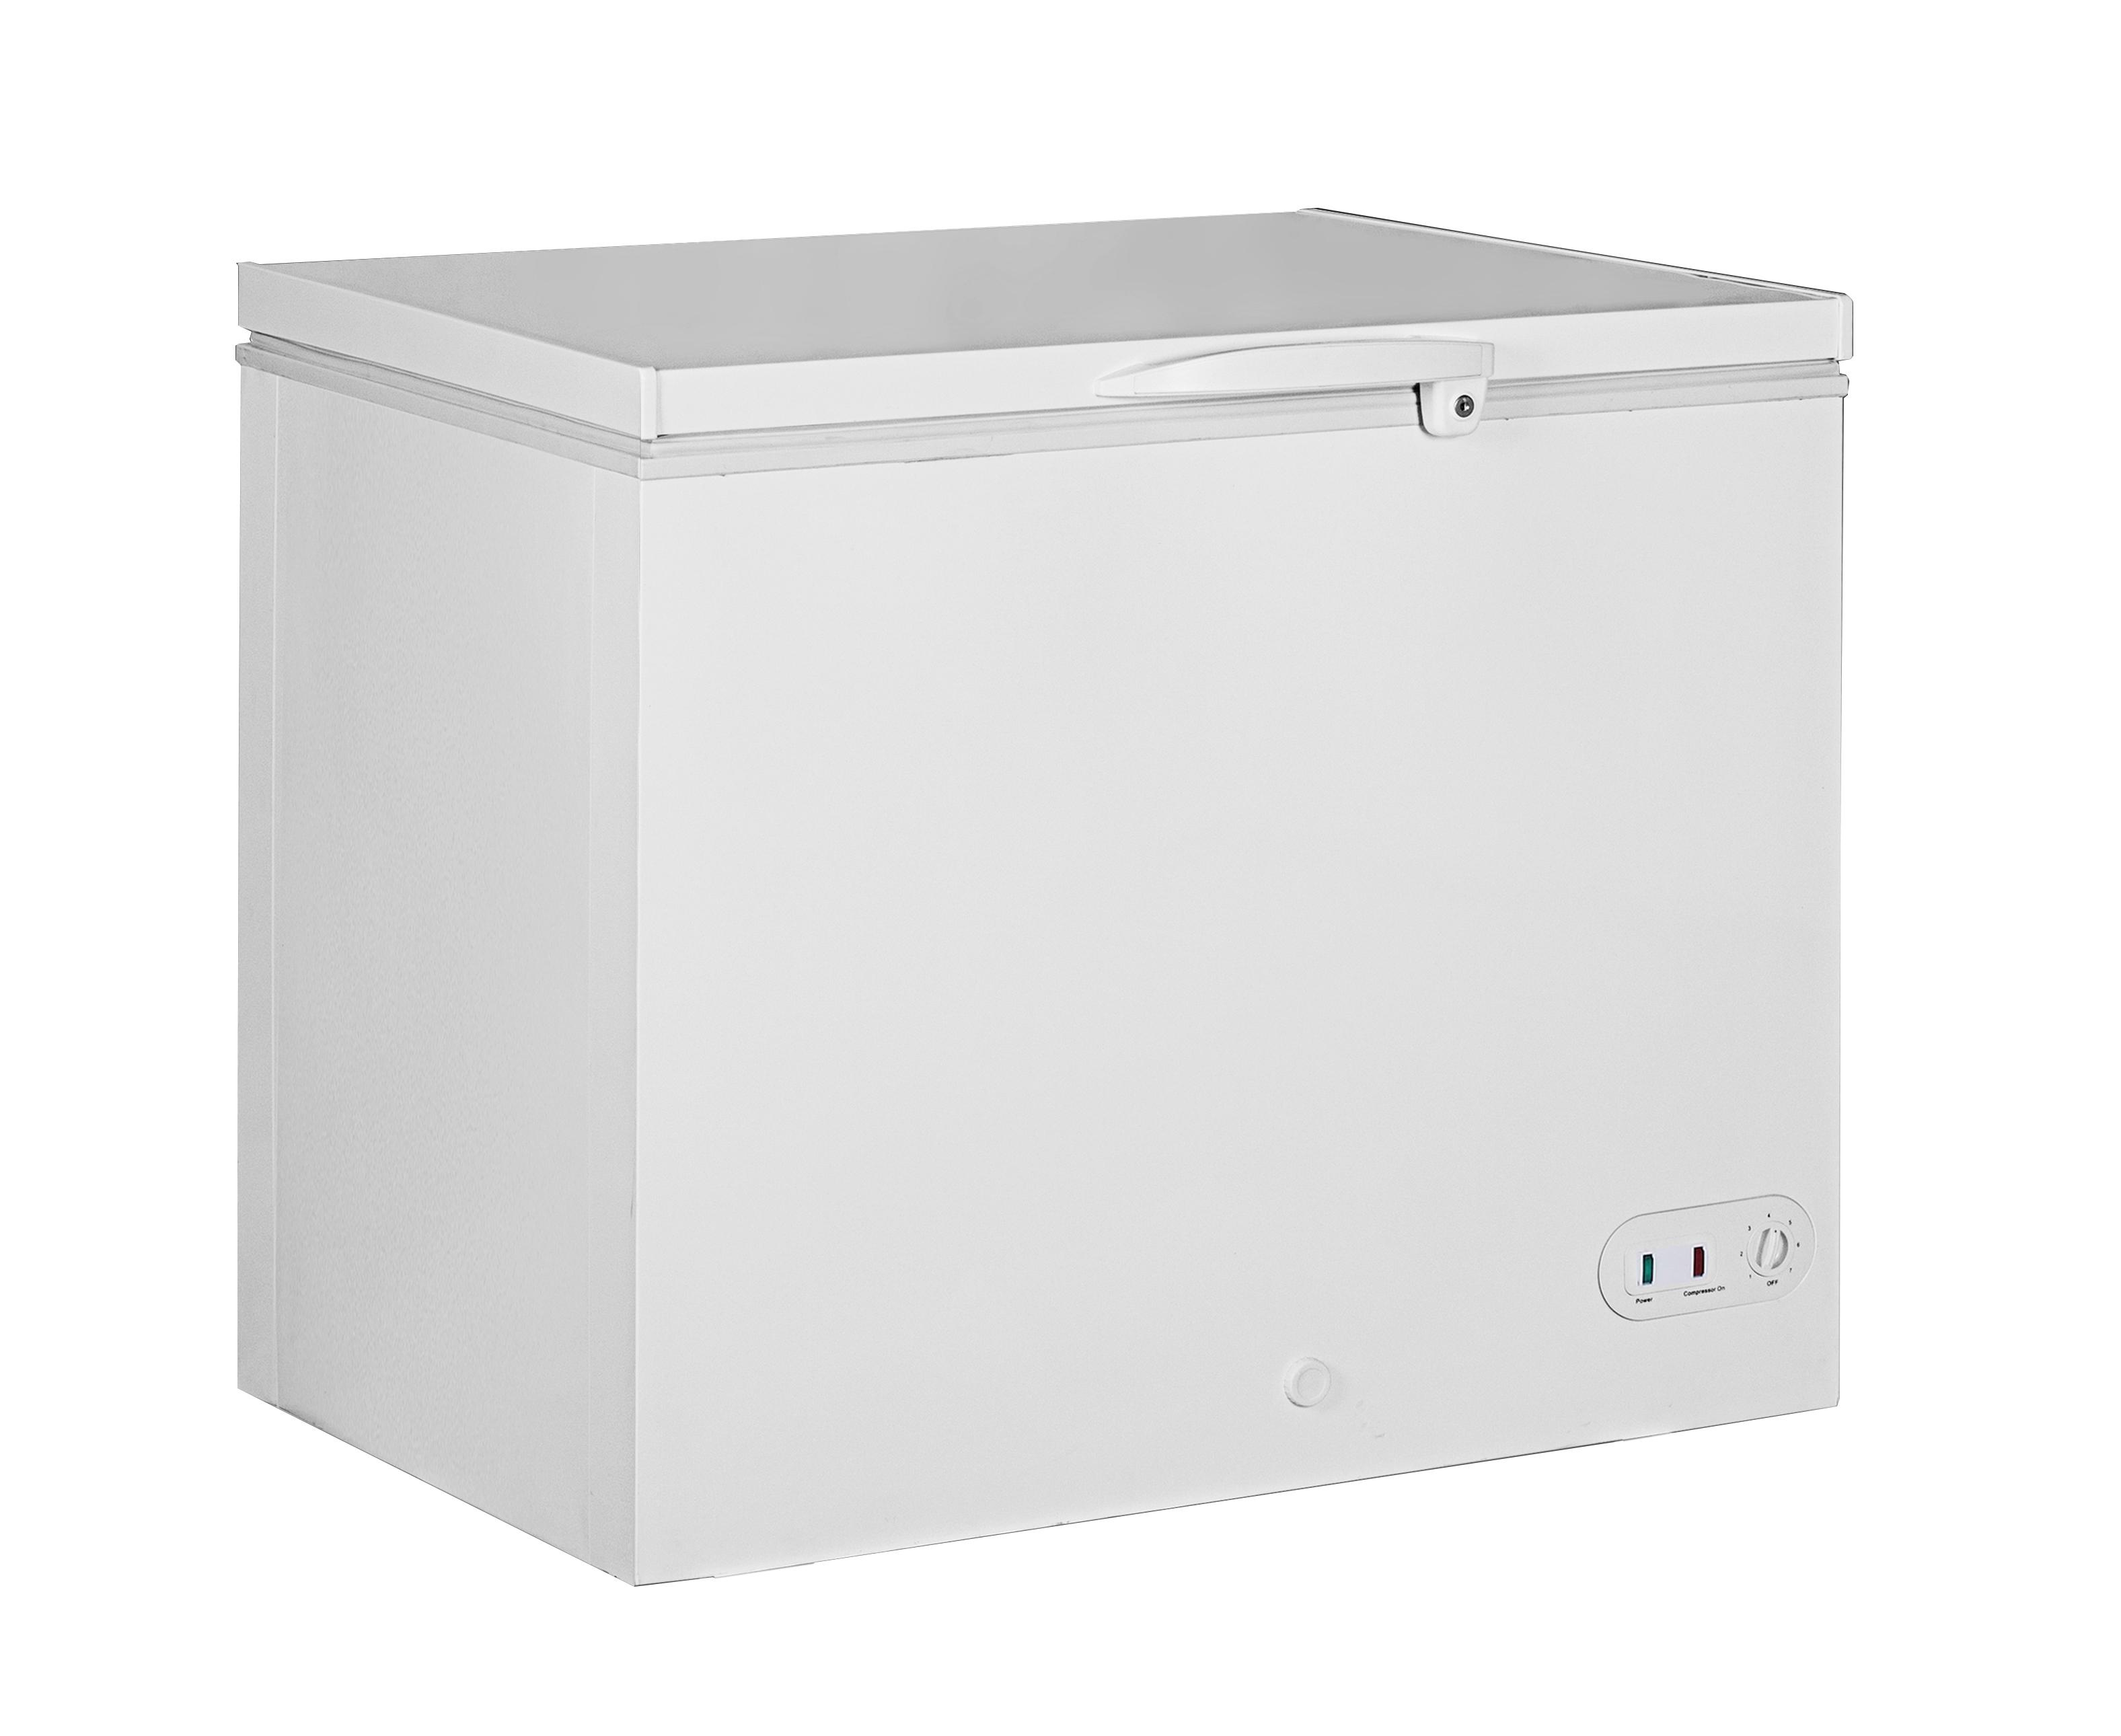 Adcraft (Admiral Craft Equipment) BDCF-5 chest freezer